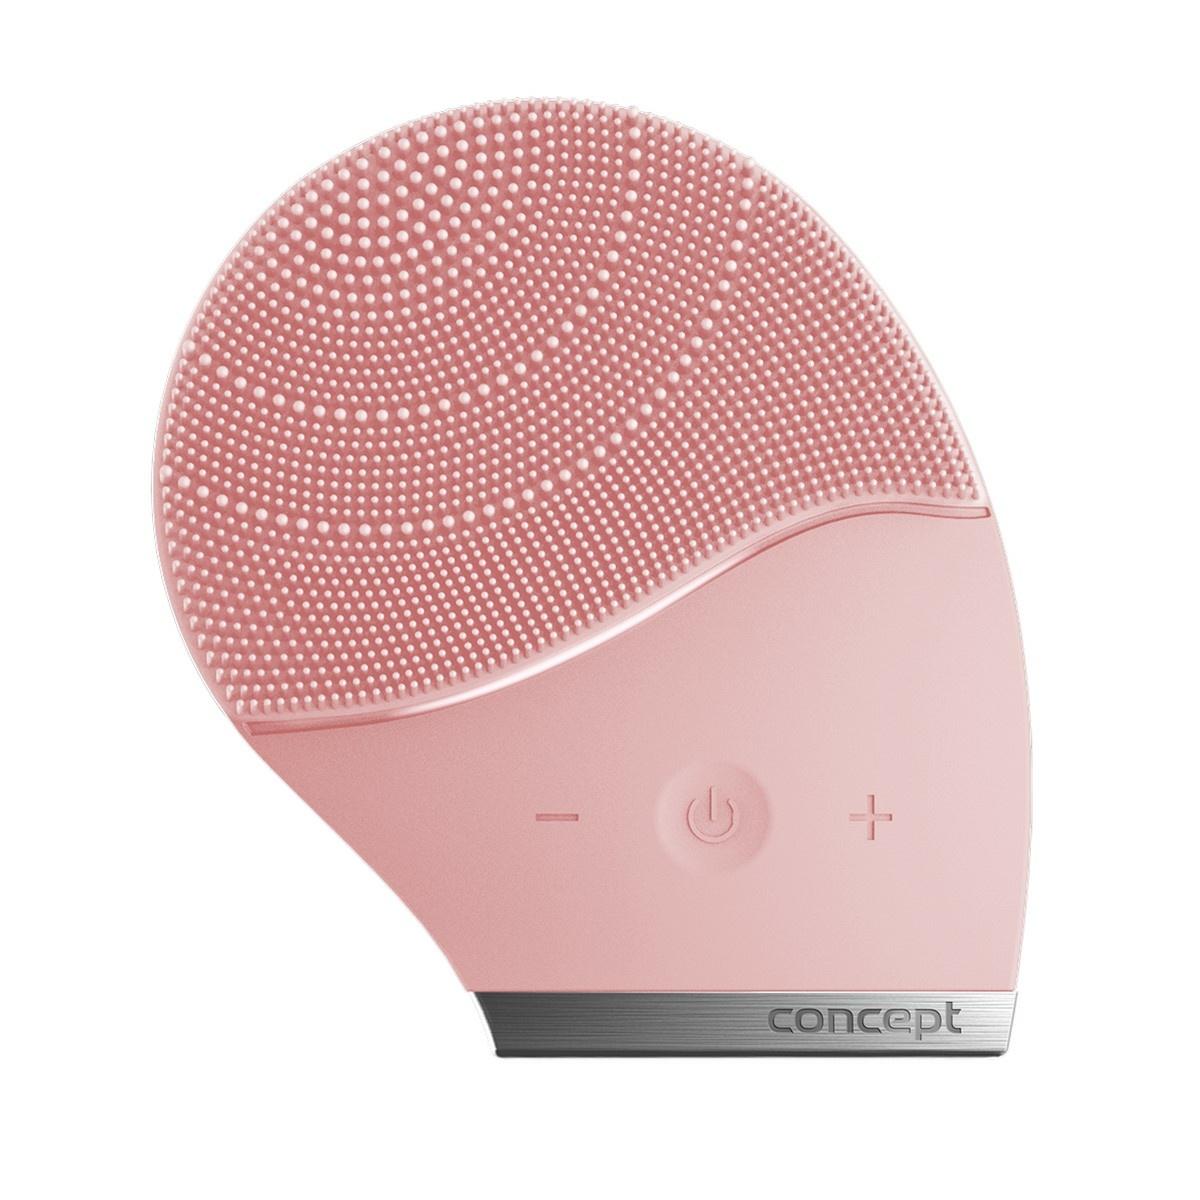 Concept SK9002 čistiaca sonická kefka na tvár Sonivibe, champagne pink